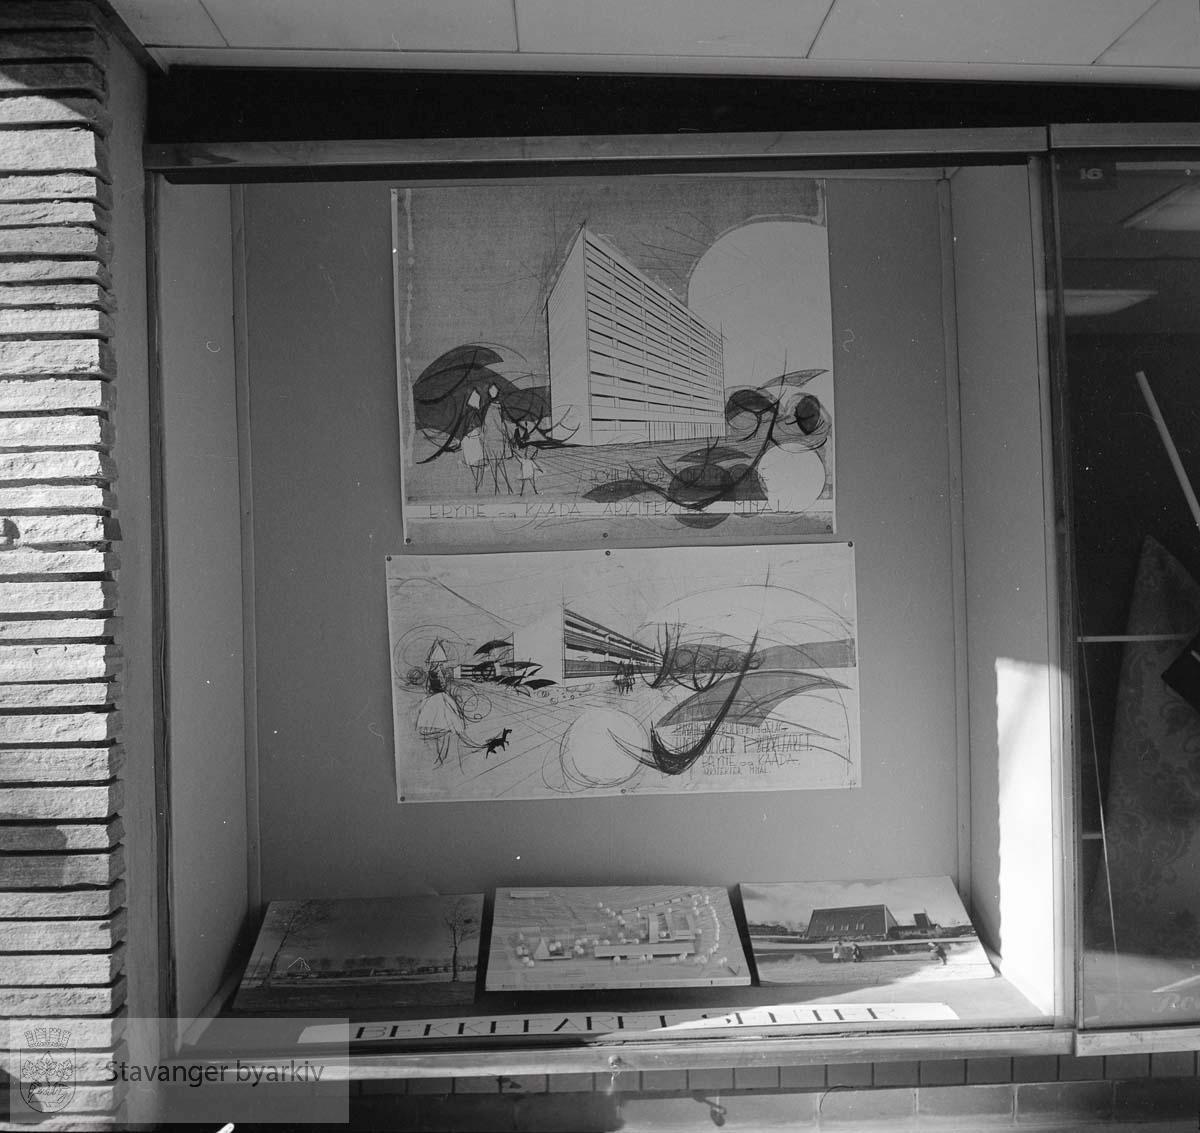 Utstilling i monter fra undergangen